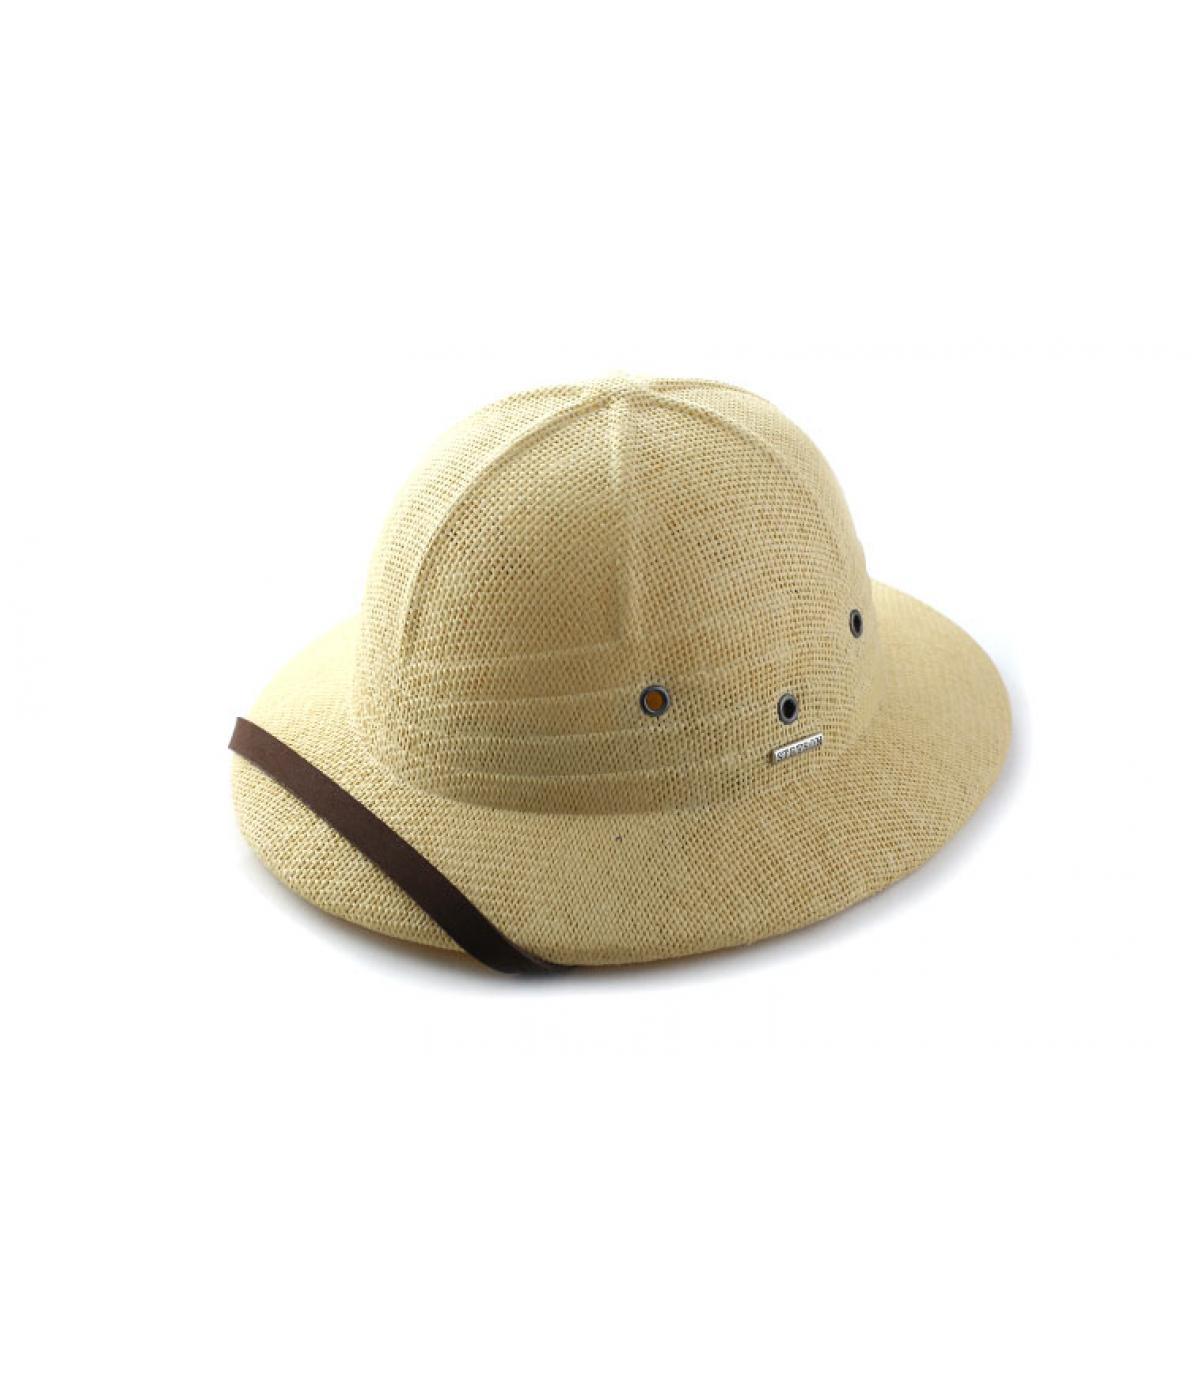 Détails Tropical helmet beige - image 5